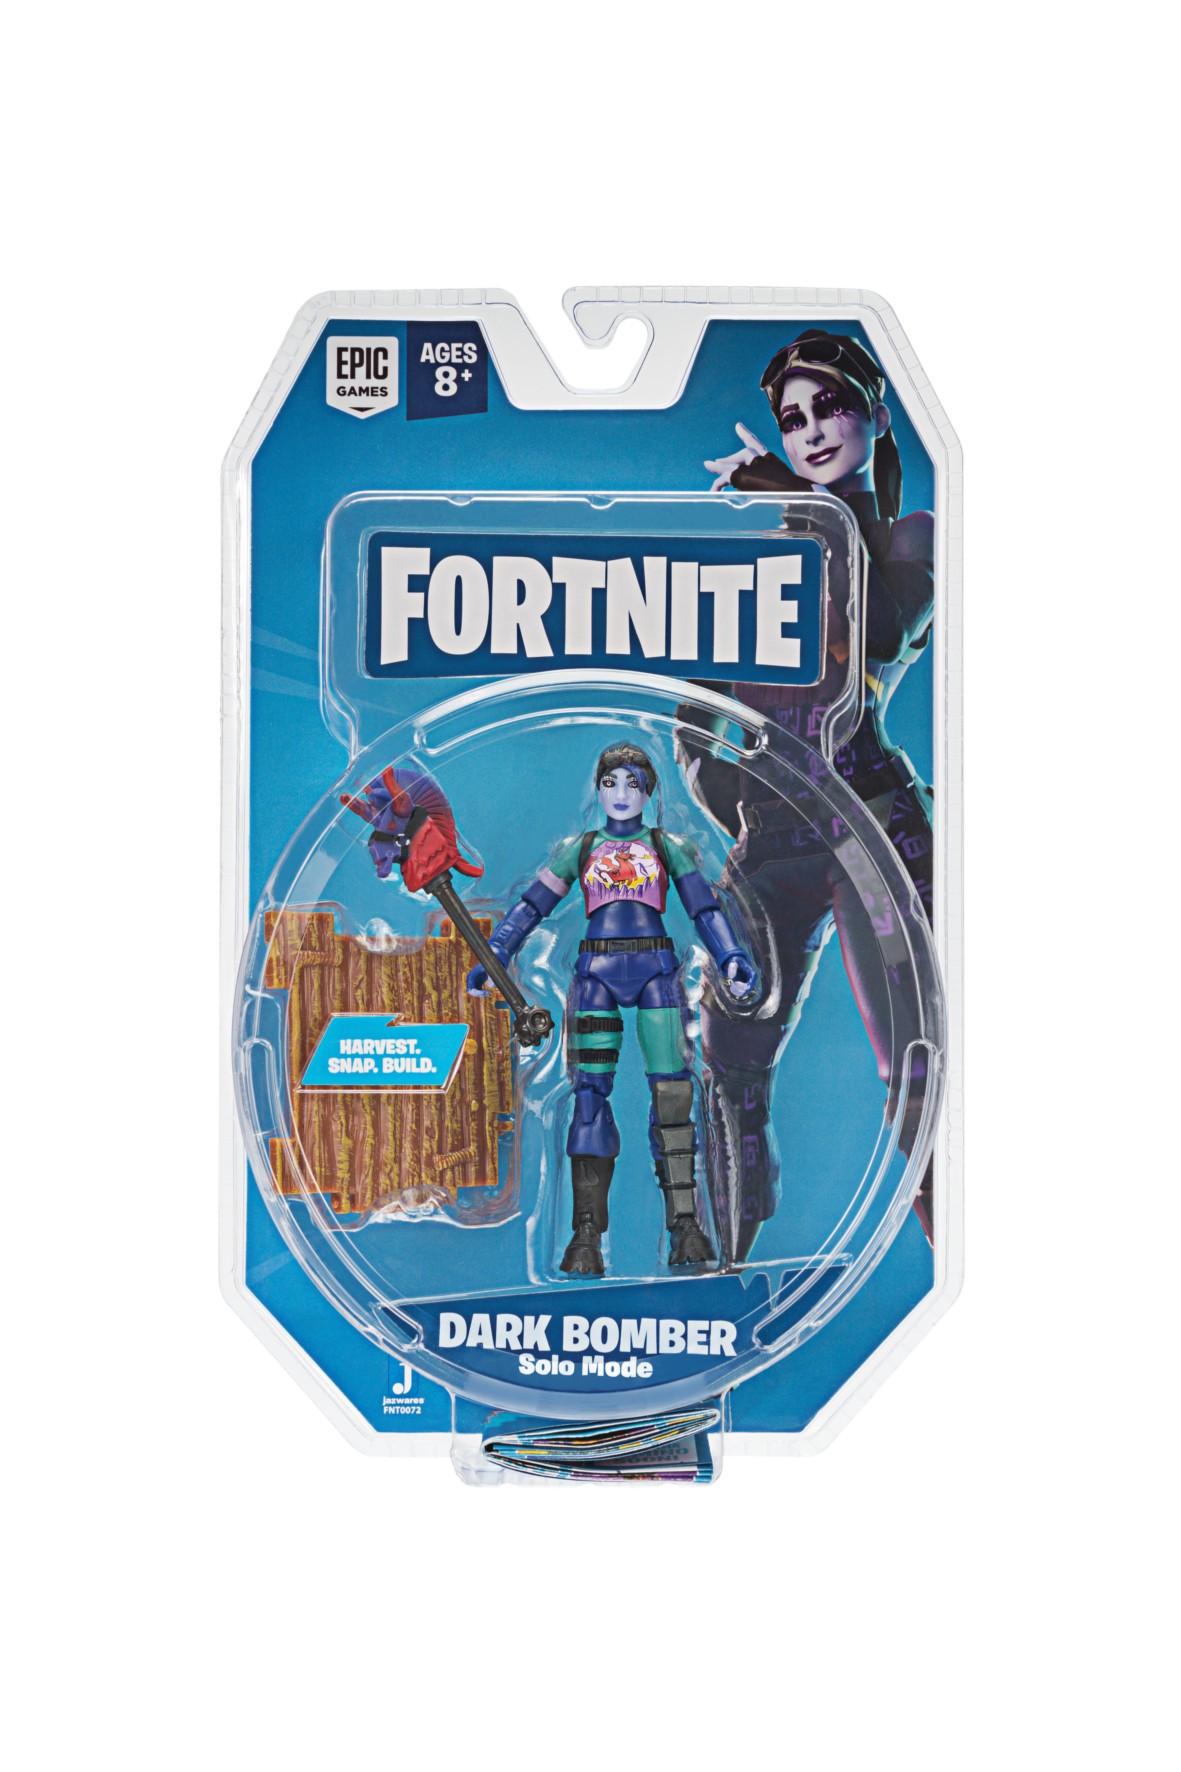 Fortnite figurka Dark Bomber 8+